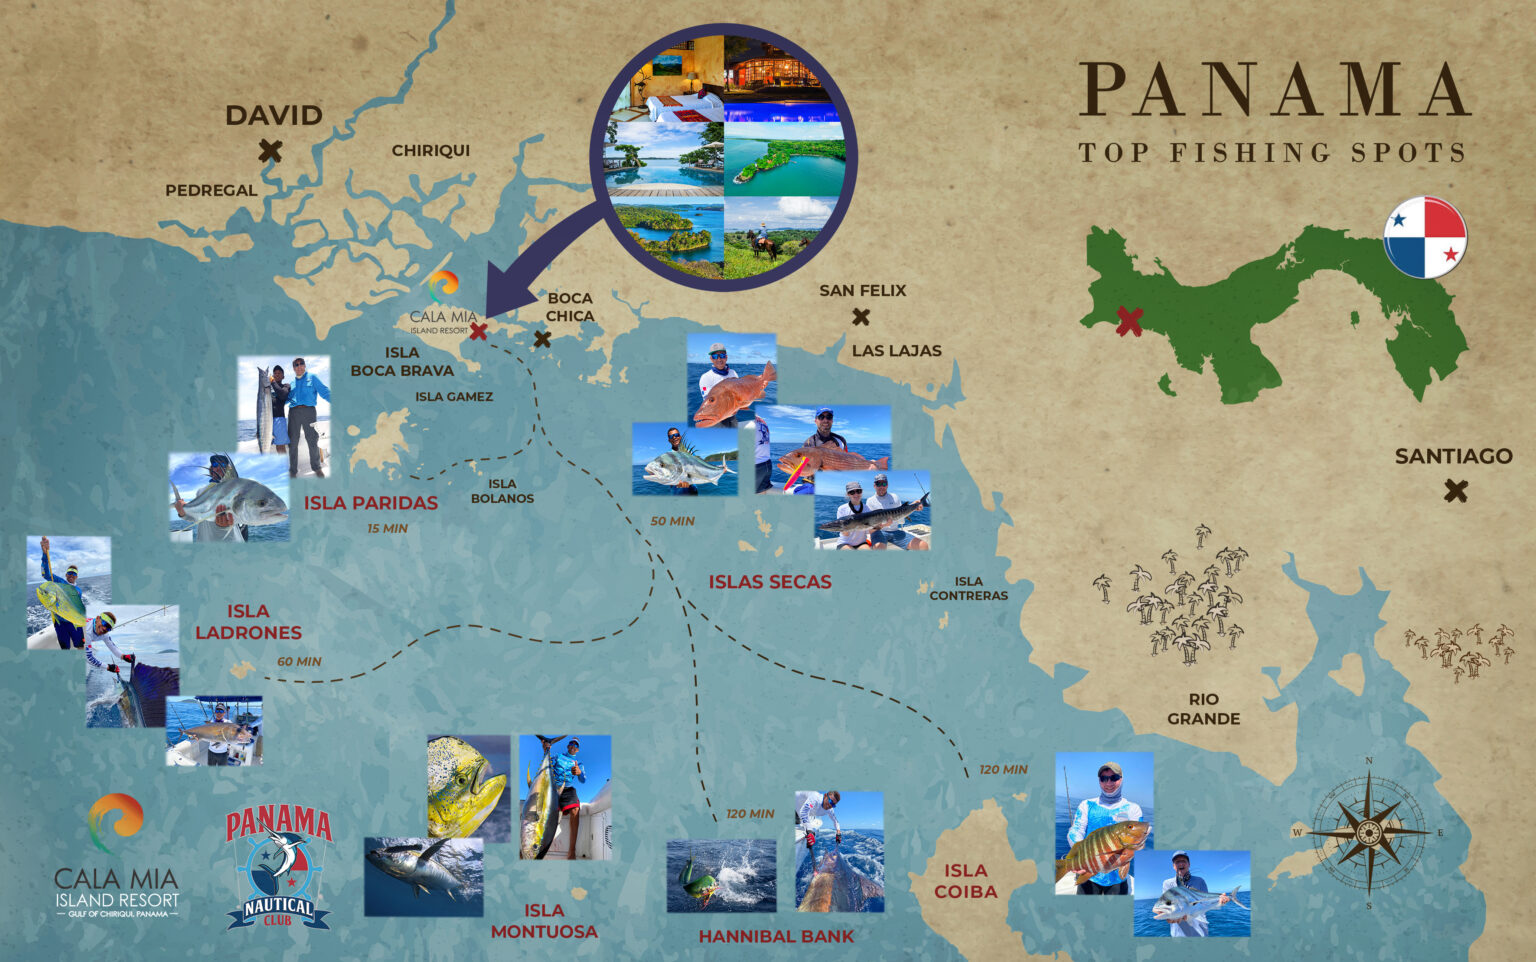 panama fishing map